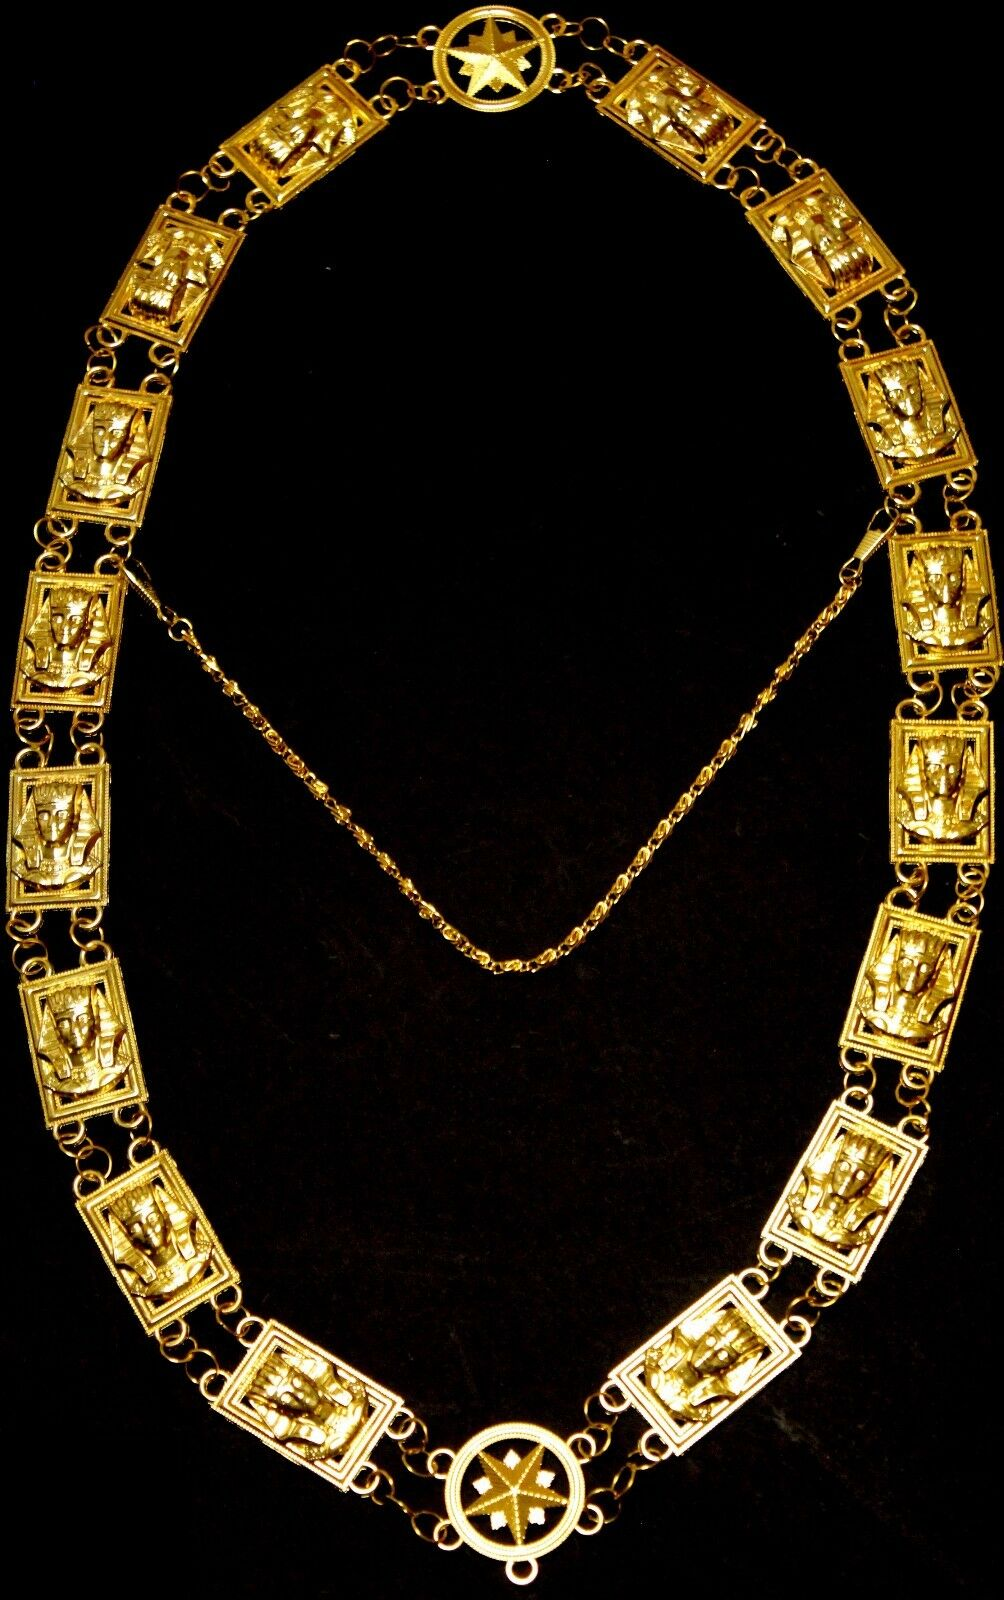 REGALIA MASONIC Shriner/'s Dress GOLD METAL CHAIN COLLAR RED VELVET DMR-600GR